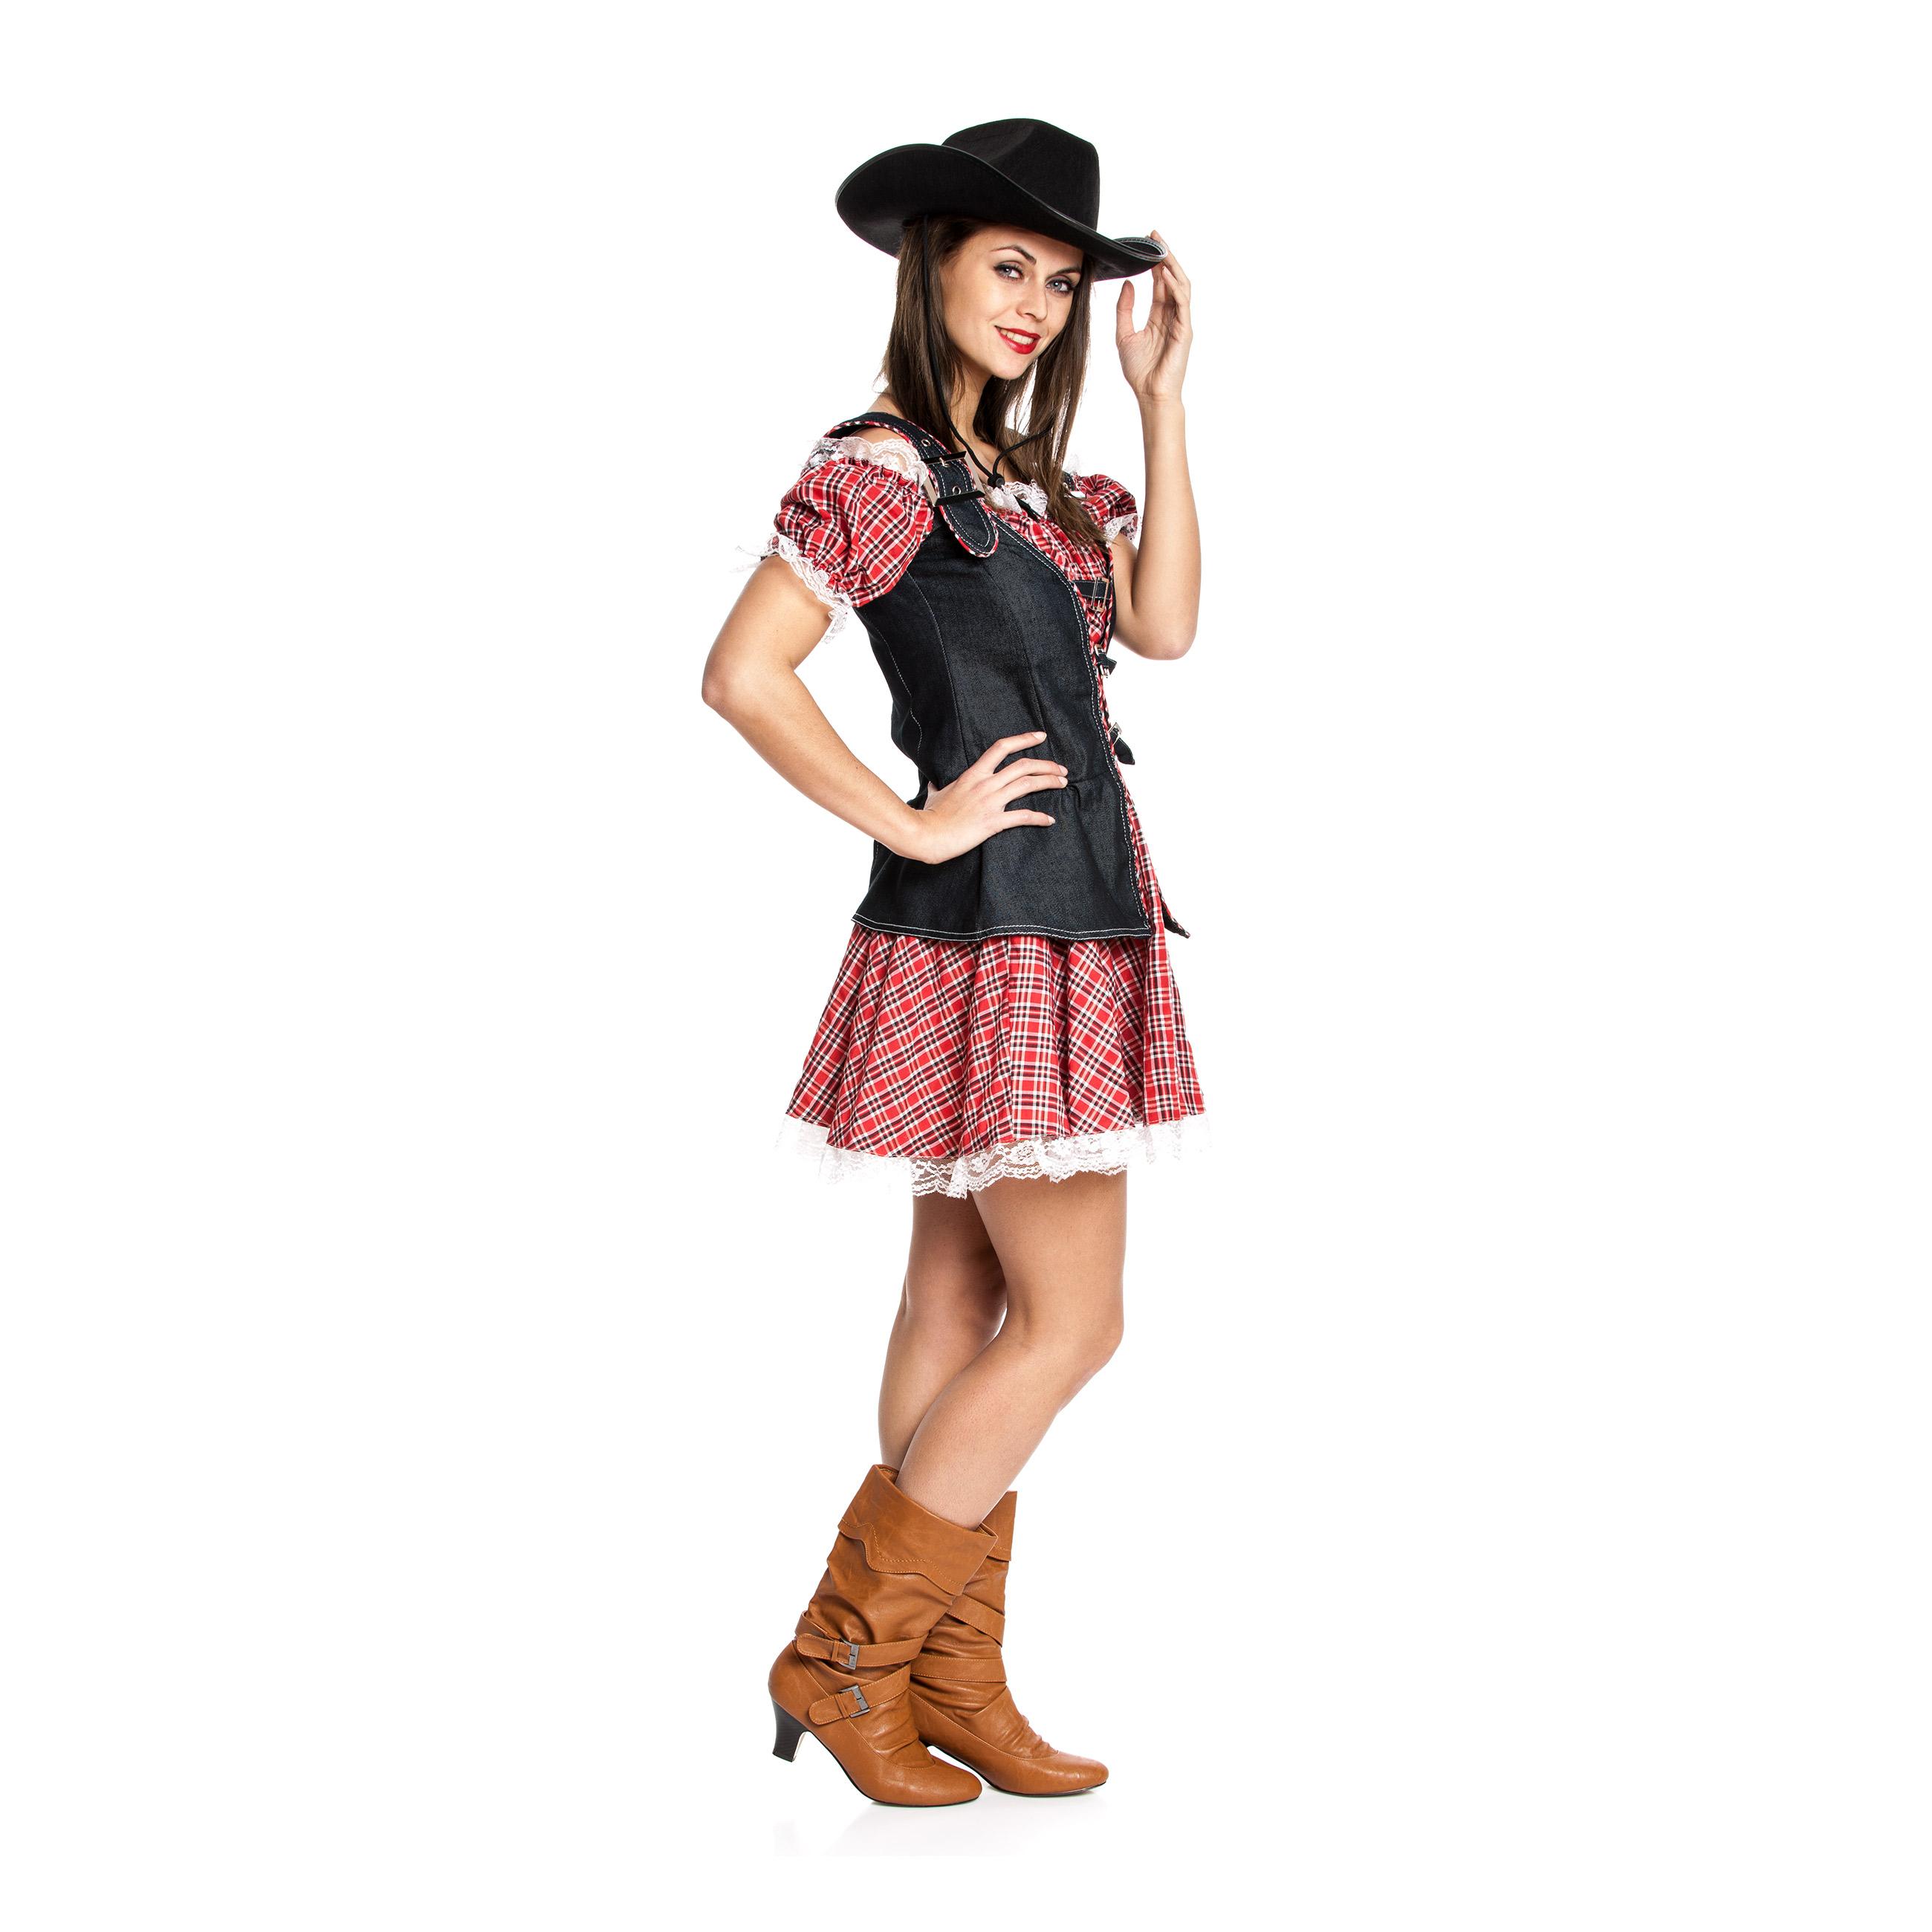 cowboy kost m damen sexy kleid karnevalskost m kost mplanet. Black Bedroom Furniture Sets. Home Design Ideas